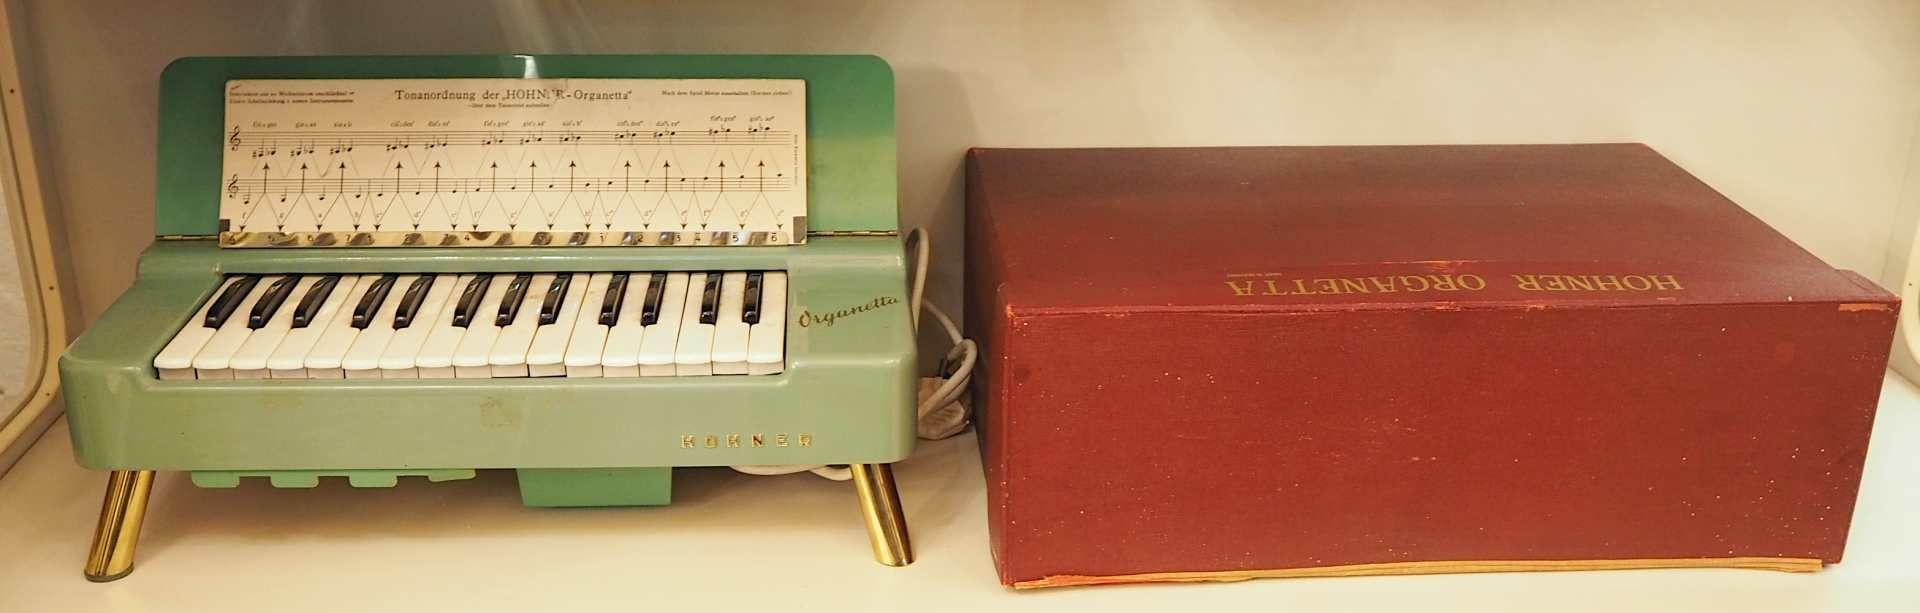 """1 Tischorgel HOHNER """"Organetta"""" wohl um 1958 Korpus lackierte Fichte, 29 Tasten, für - Bild 3 aus 3"""